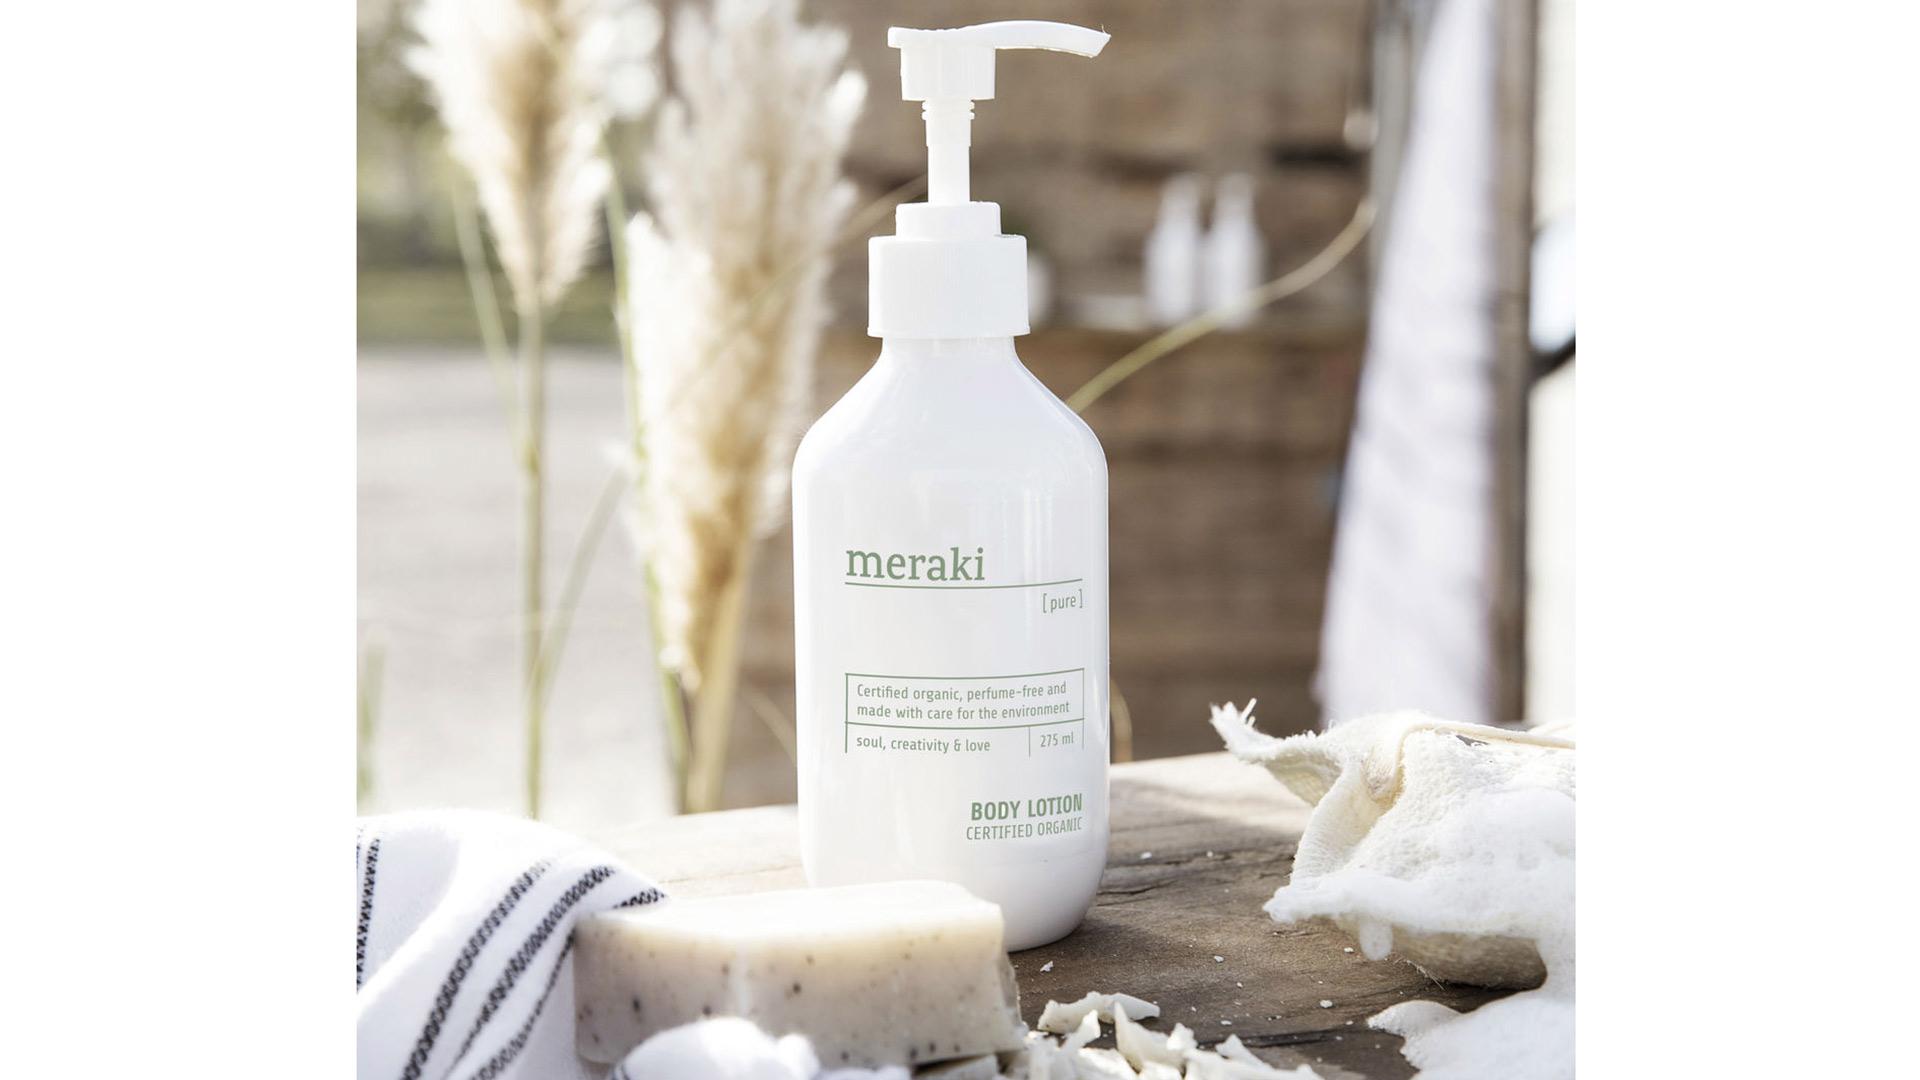 Meraki-organic-body-lotion